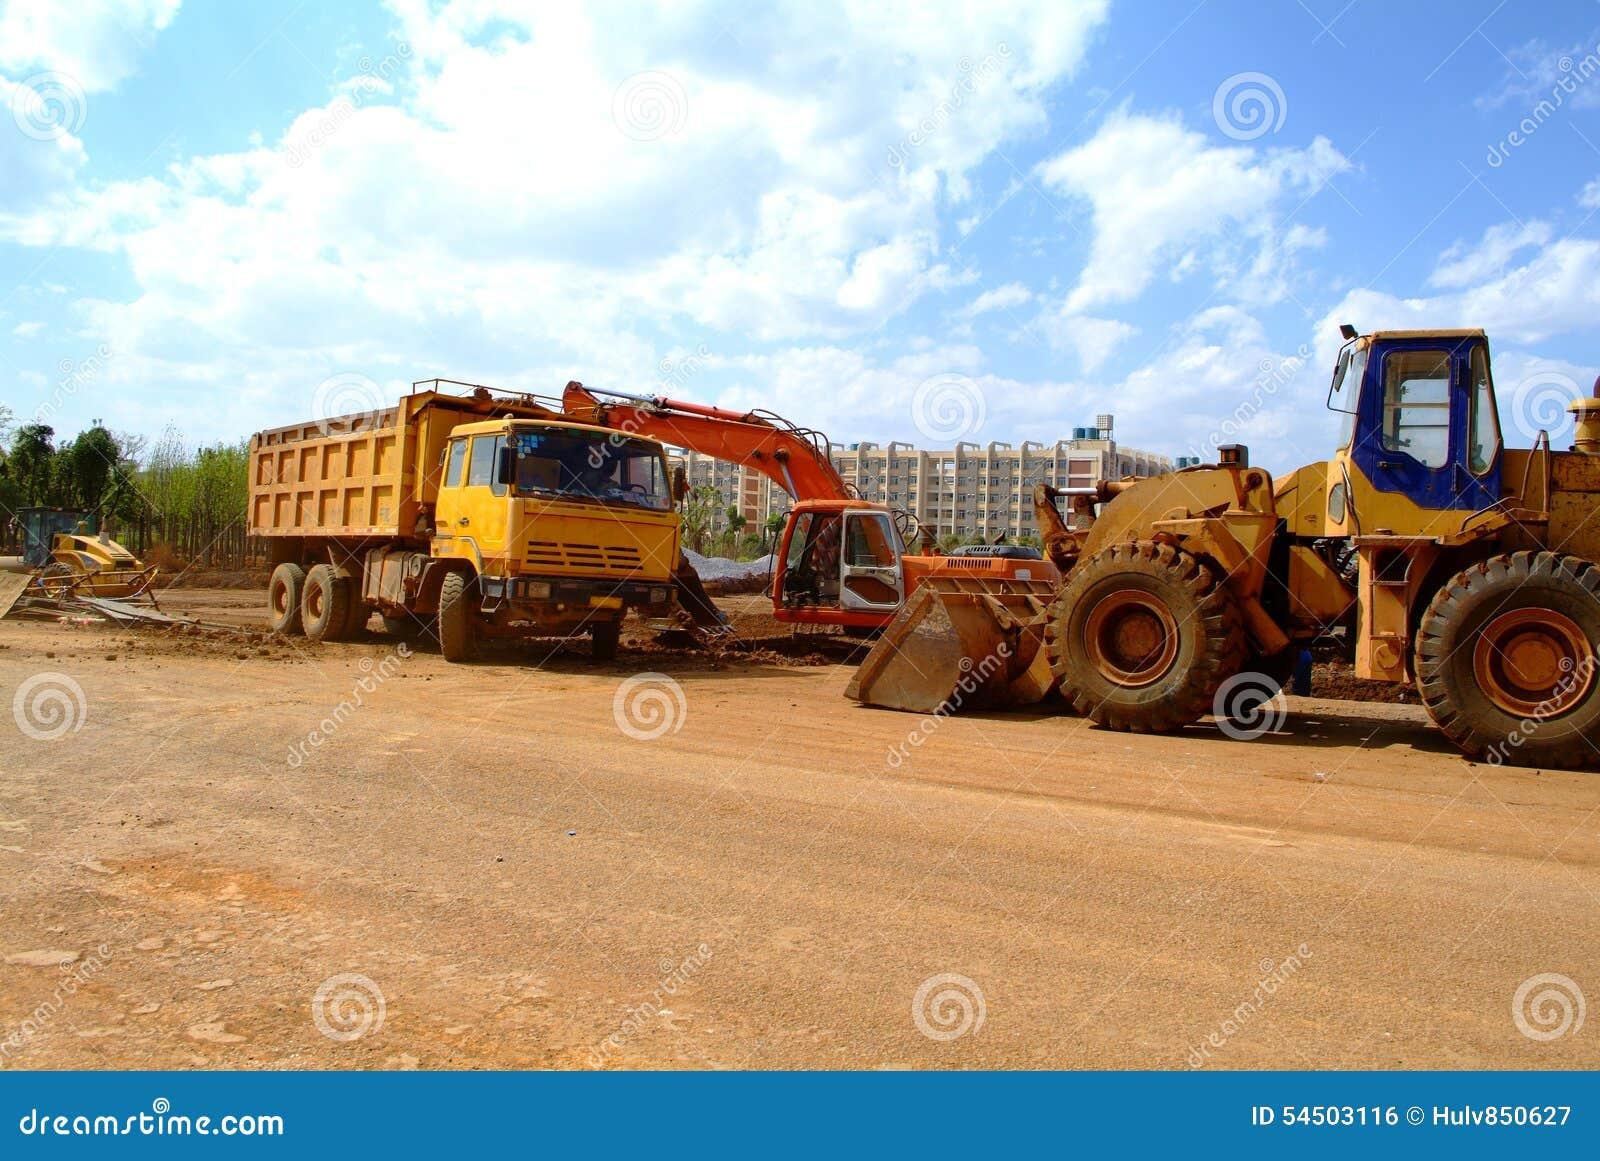 Excavatrice sur un chantier de construction